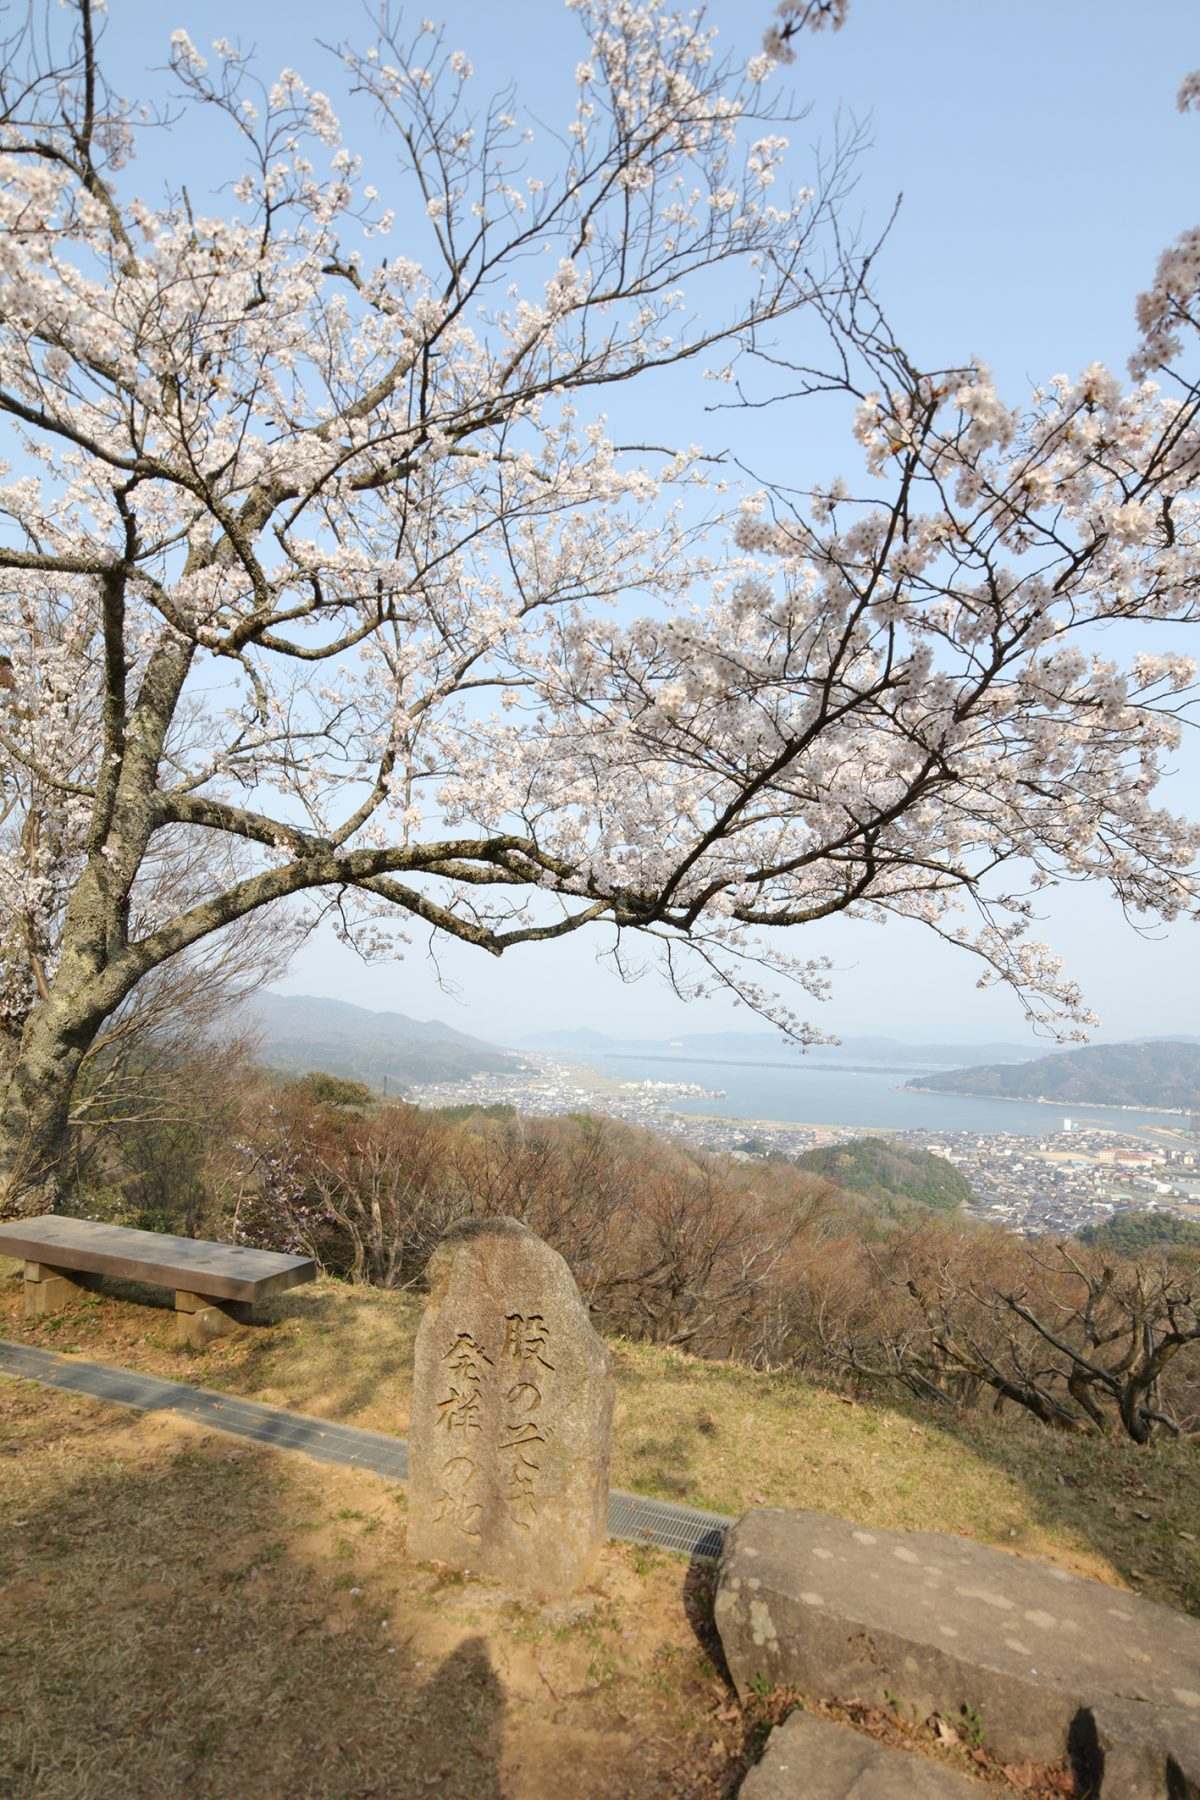 2018.4.2【桜】与謝郡与謝野町弓木